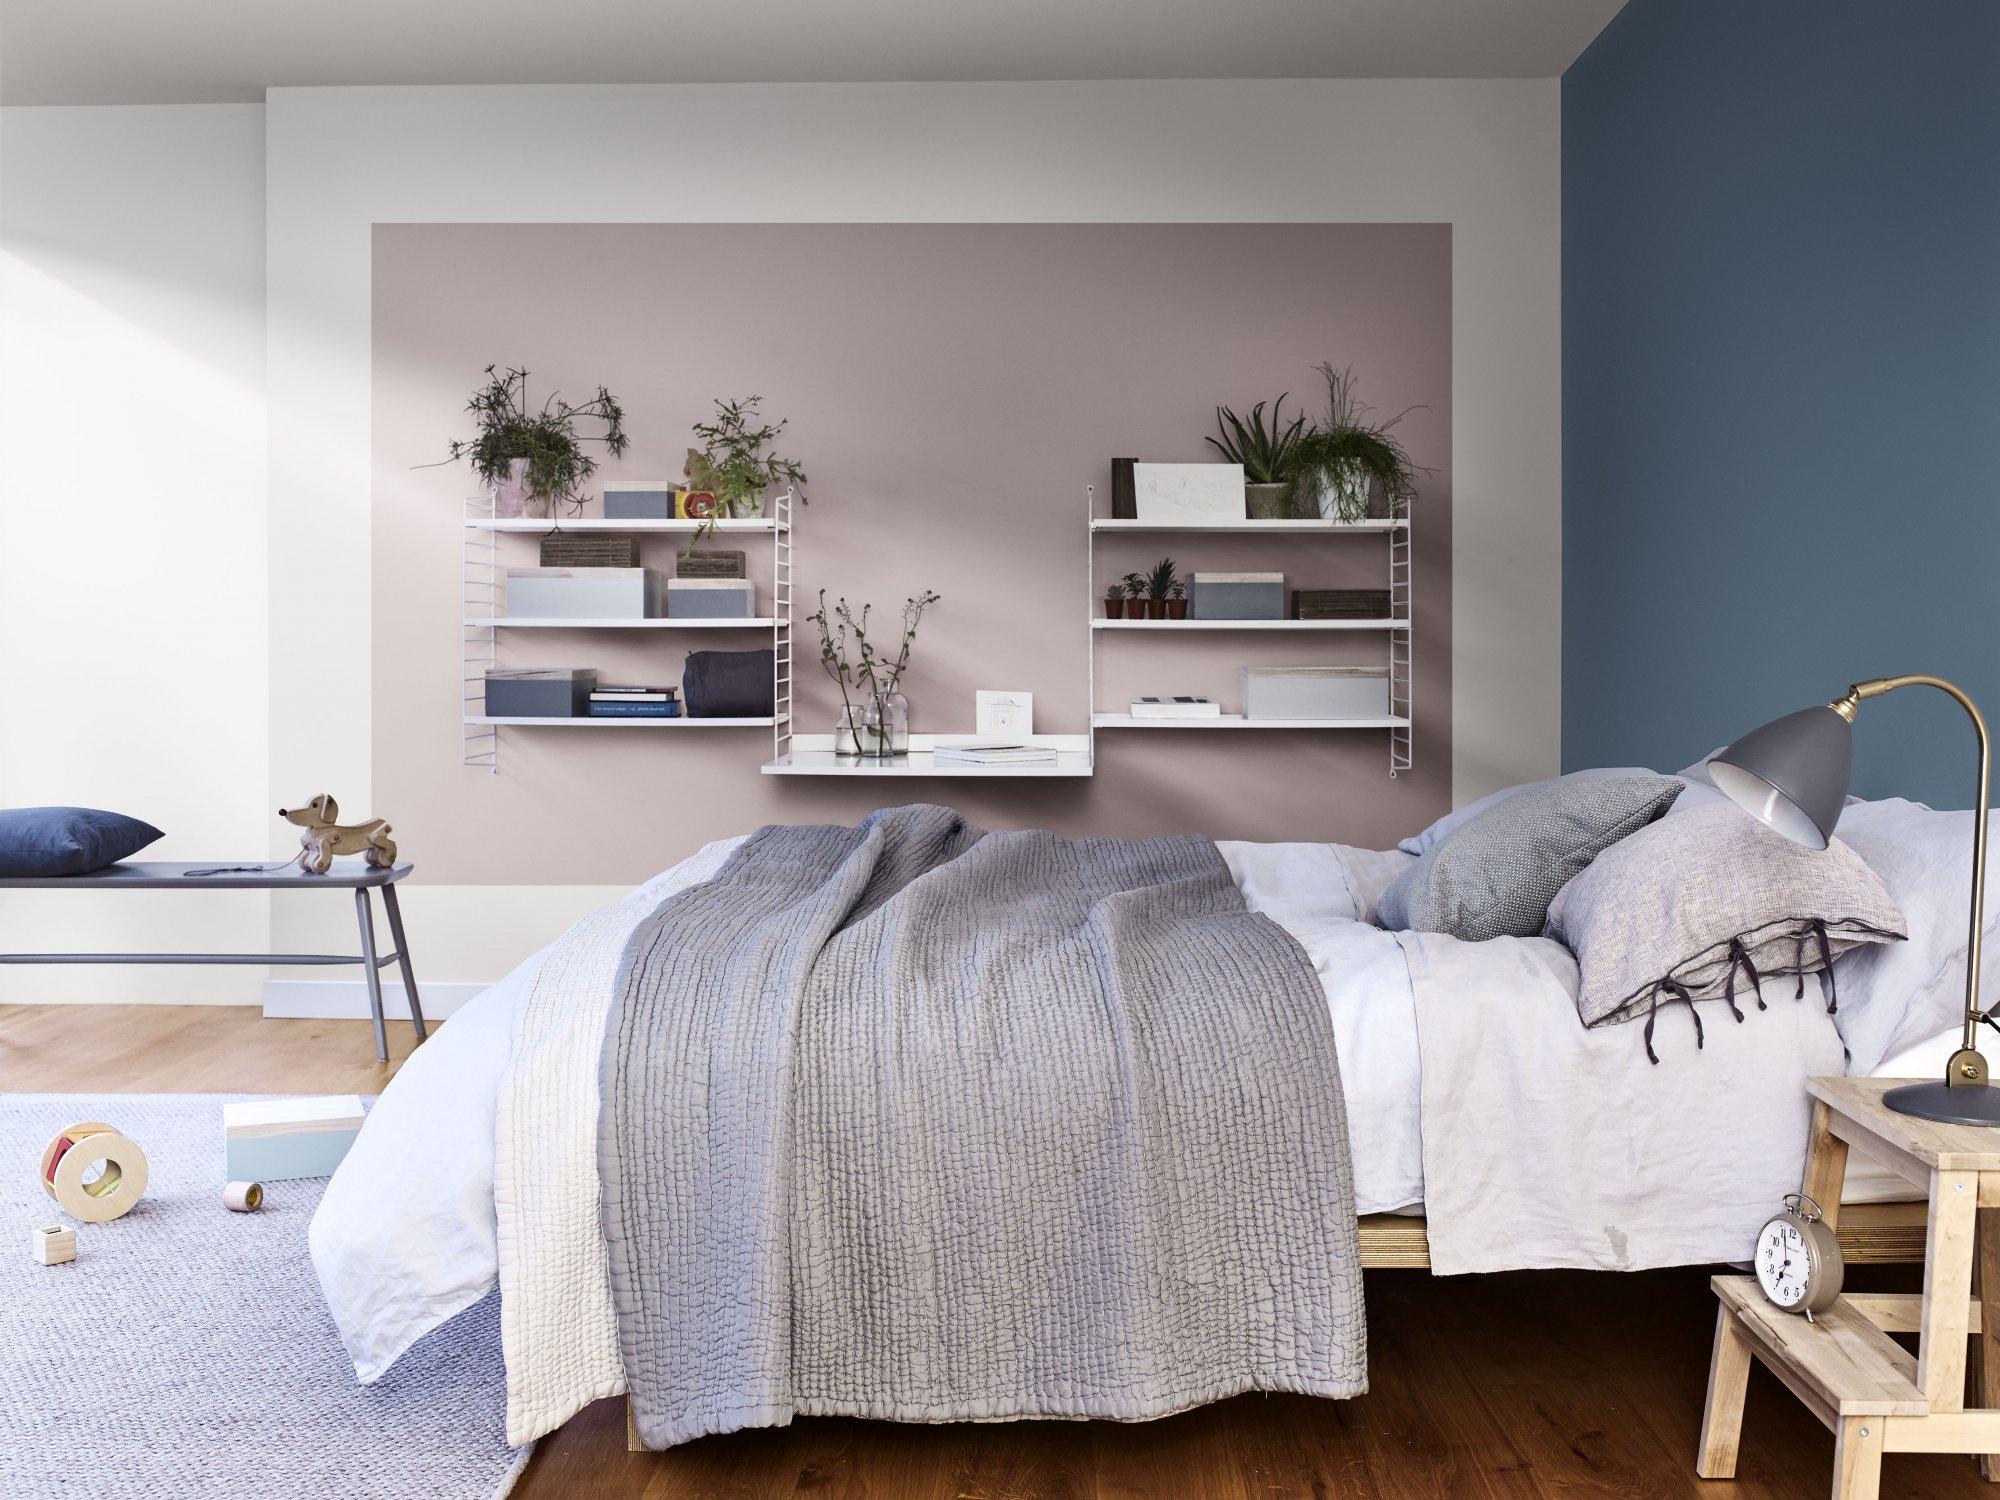 Kleurtrend Roze Interieur : Deze kleur is uitgeroepen tot dé kleur van 2018 &c